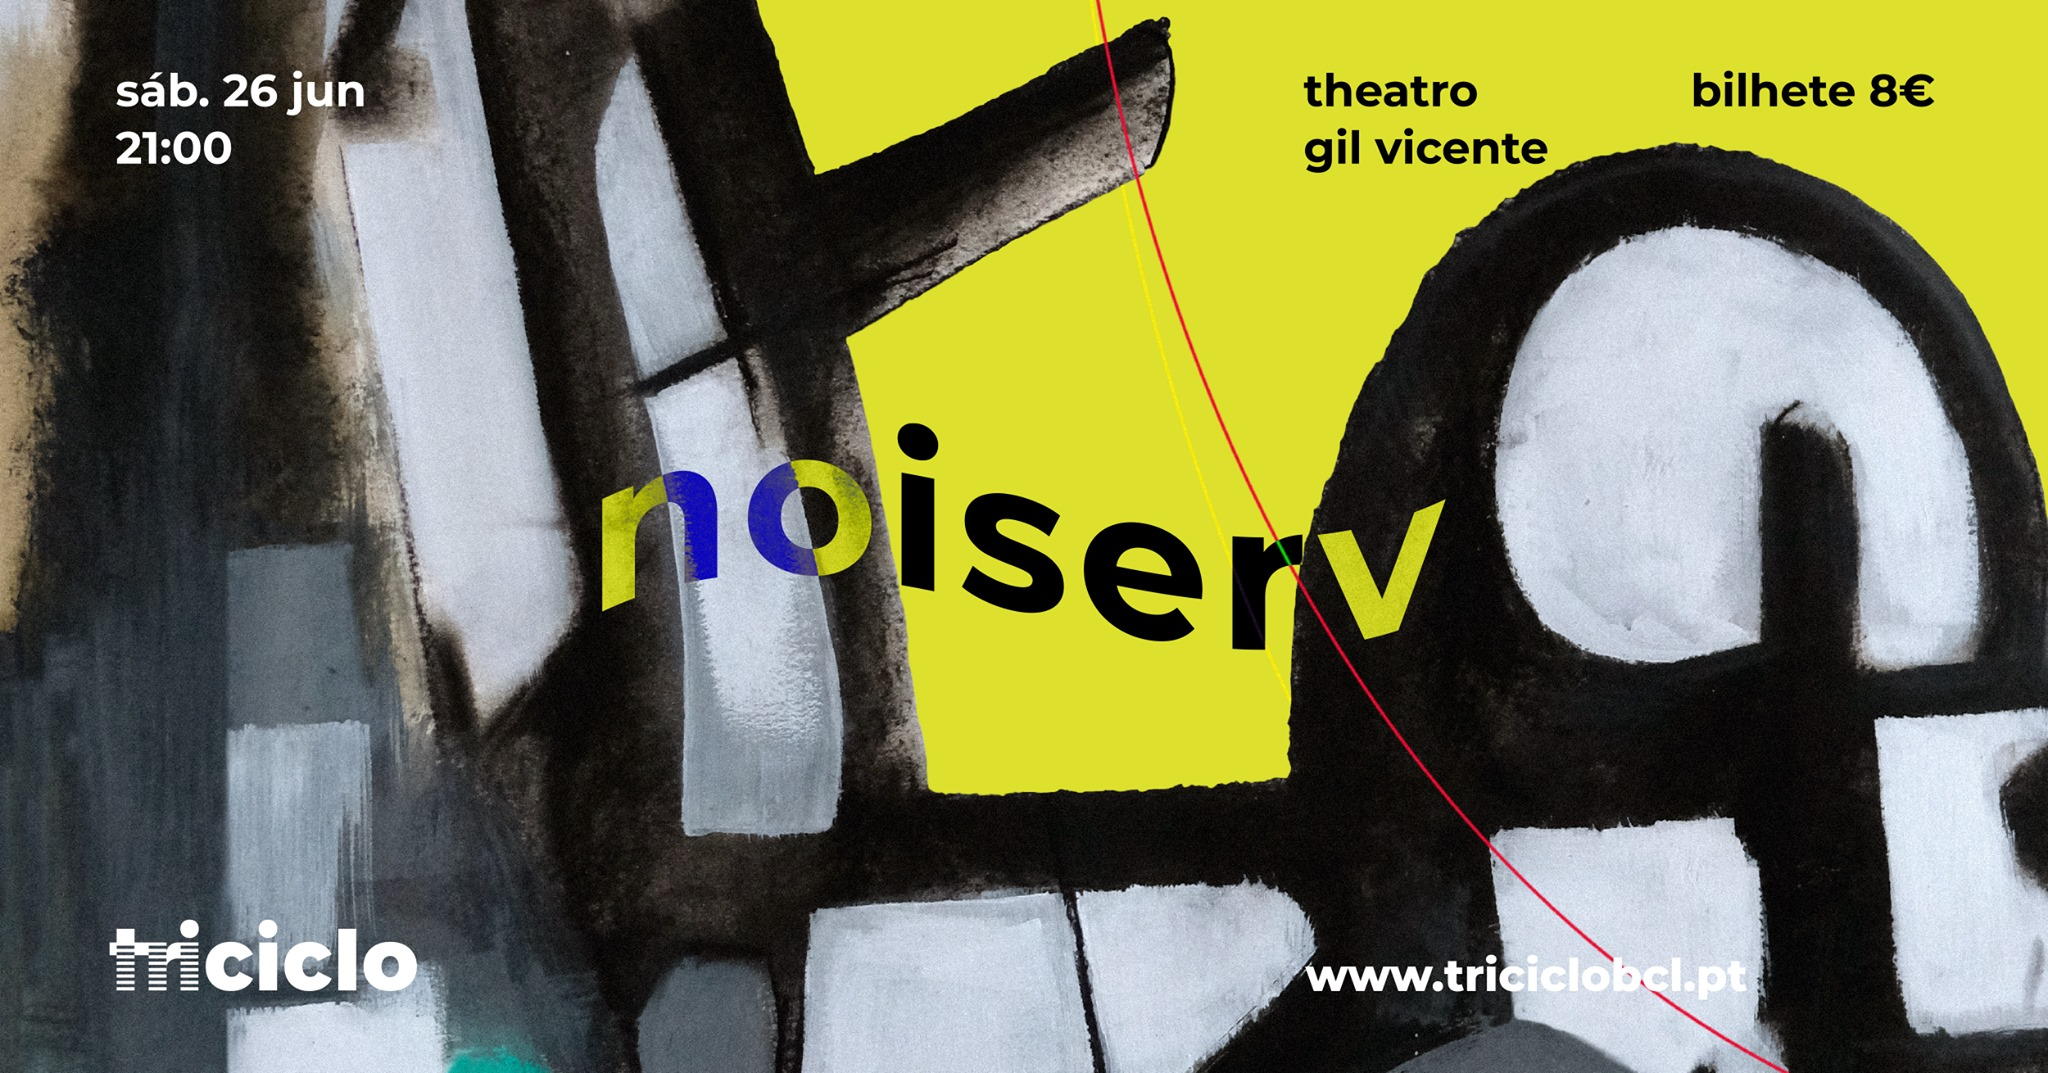 triciclo / noiserv no theatro gil vicente